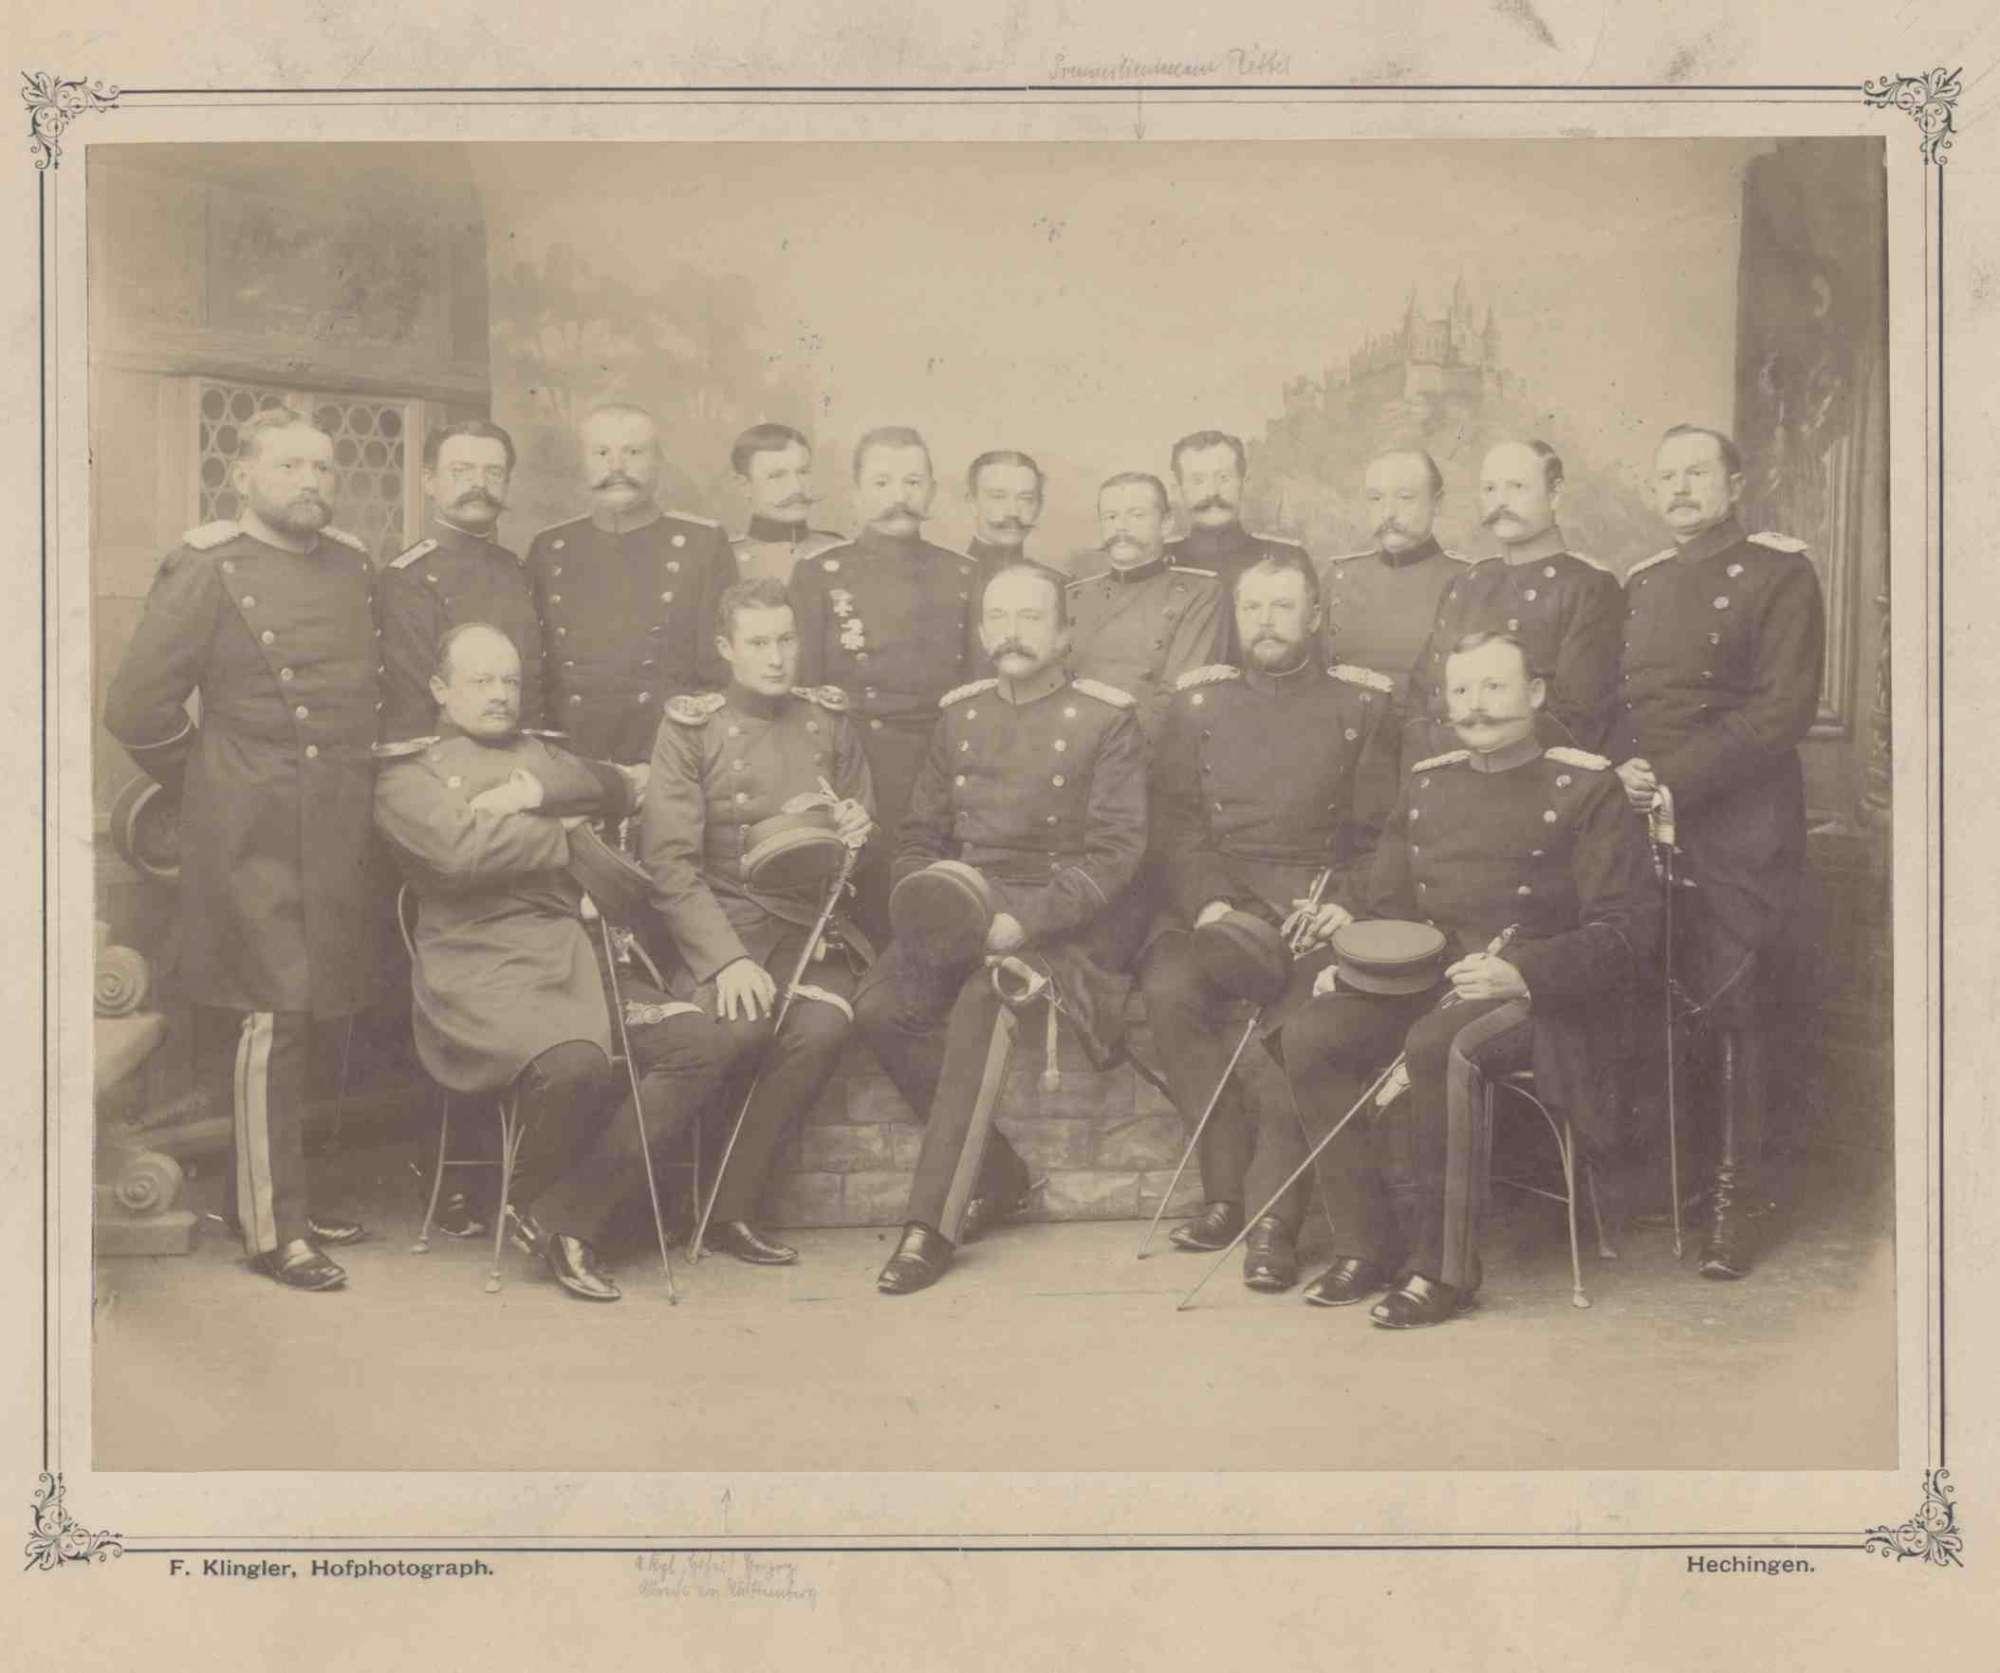 Herzog Albrecht von Württemberg (1865 - 1939) im Kreis von fünfzehn Offizieren in Uniform, teils mit Orden, sitzend oder stehend, in Halbprofil, Bild 1